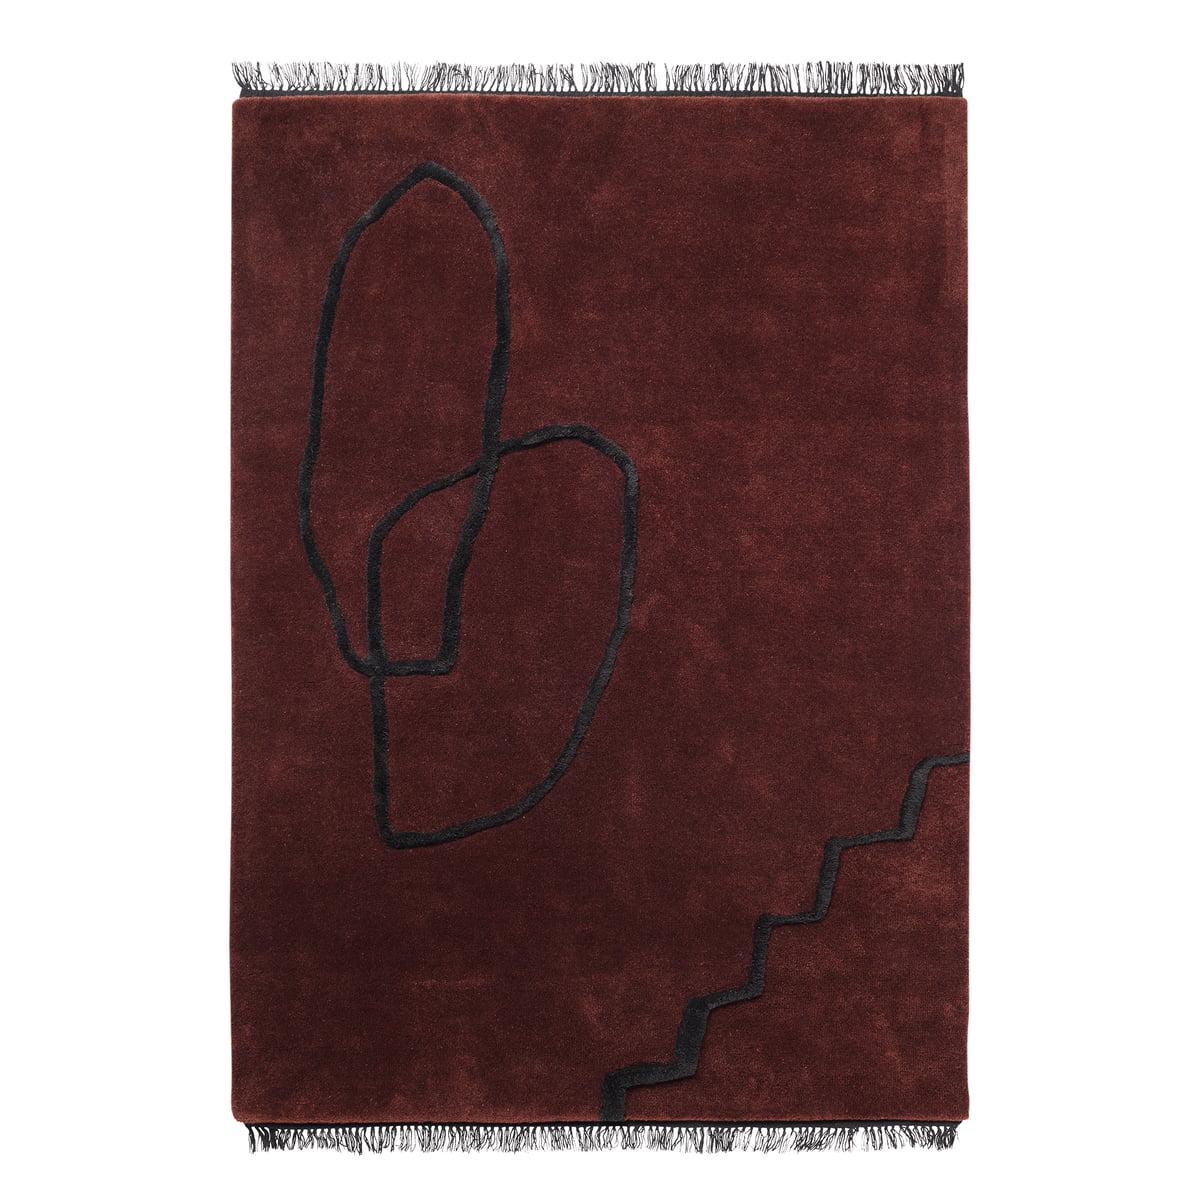 ferm living desert tufted teppich rost rostbraun t 140 h 1 b 200 online kaufen bei woonio. Black Bedroom Furniture Sets. Home Design Ideas